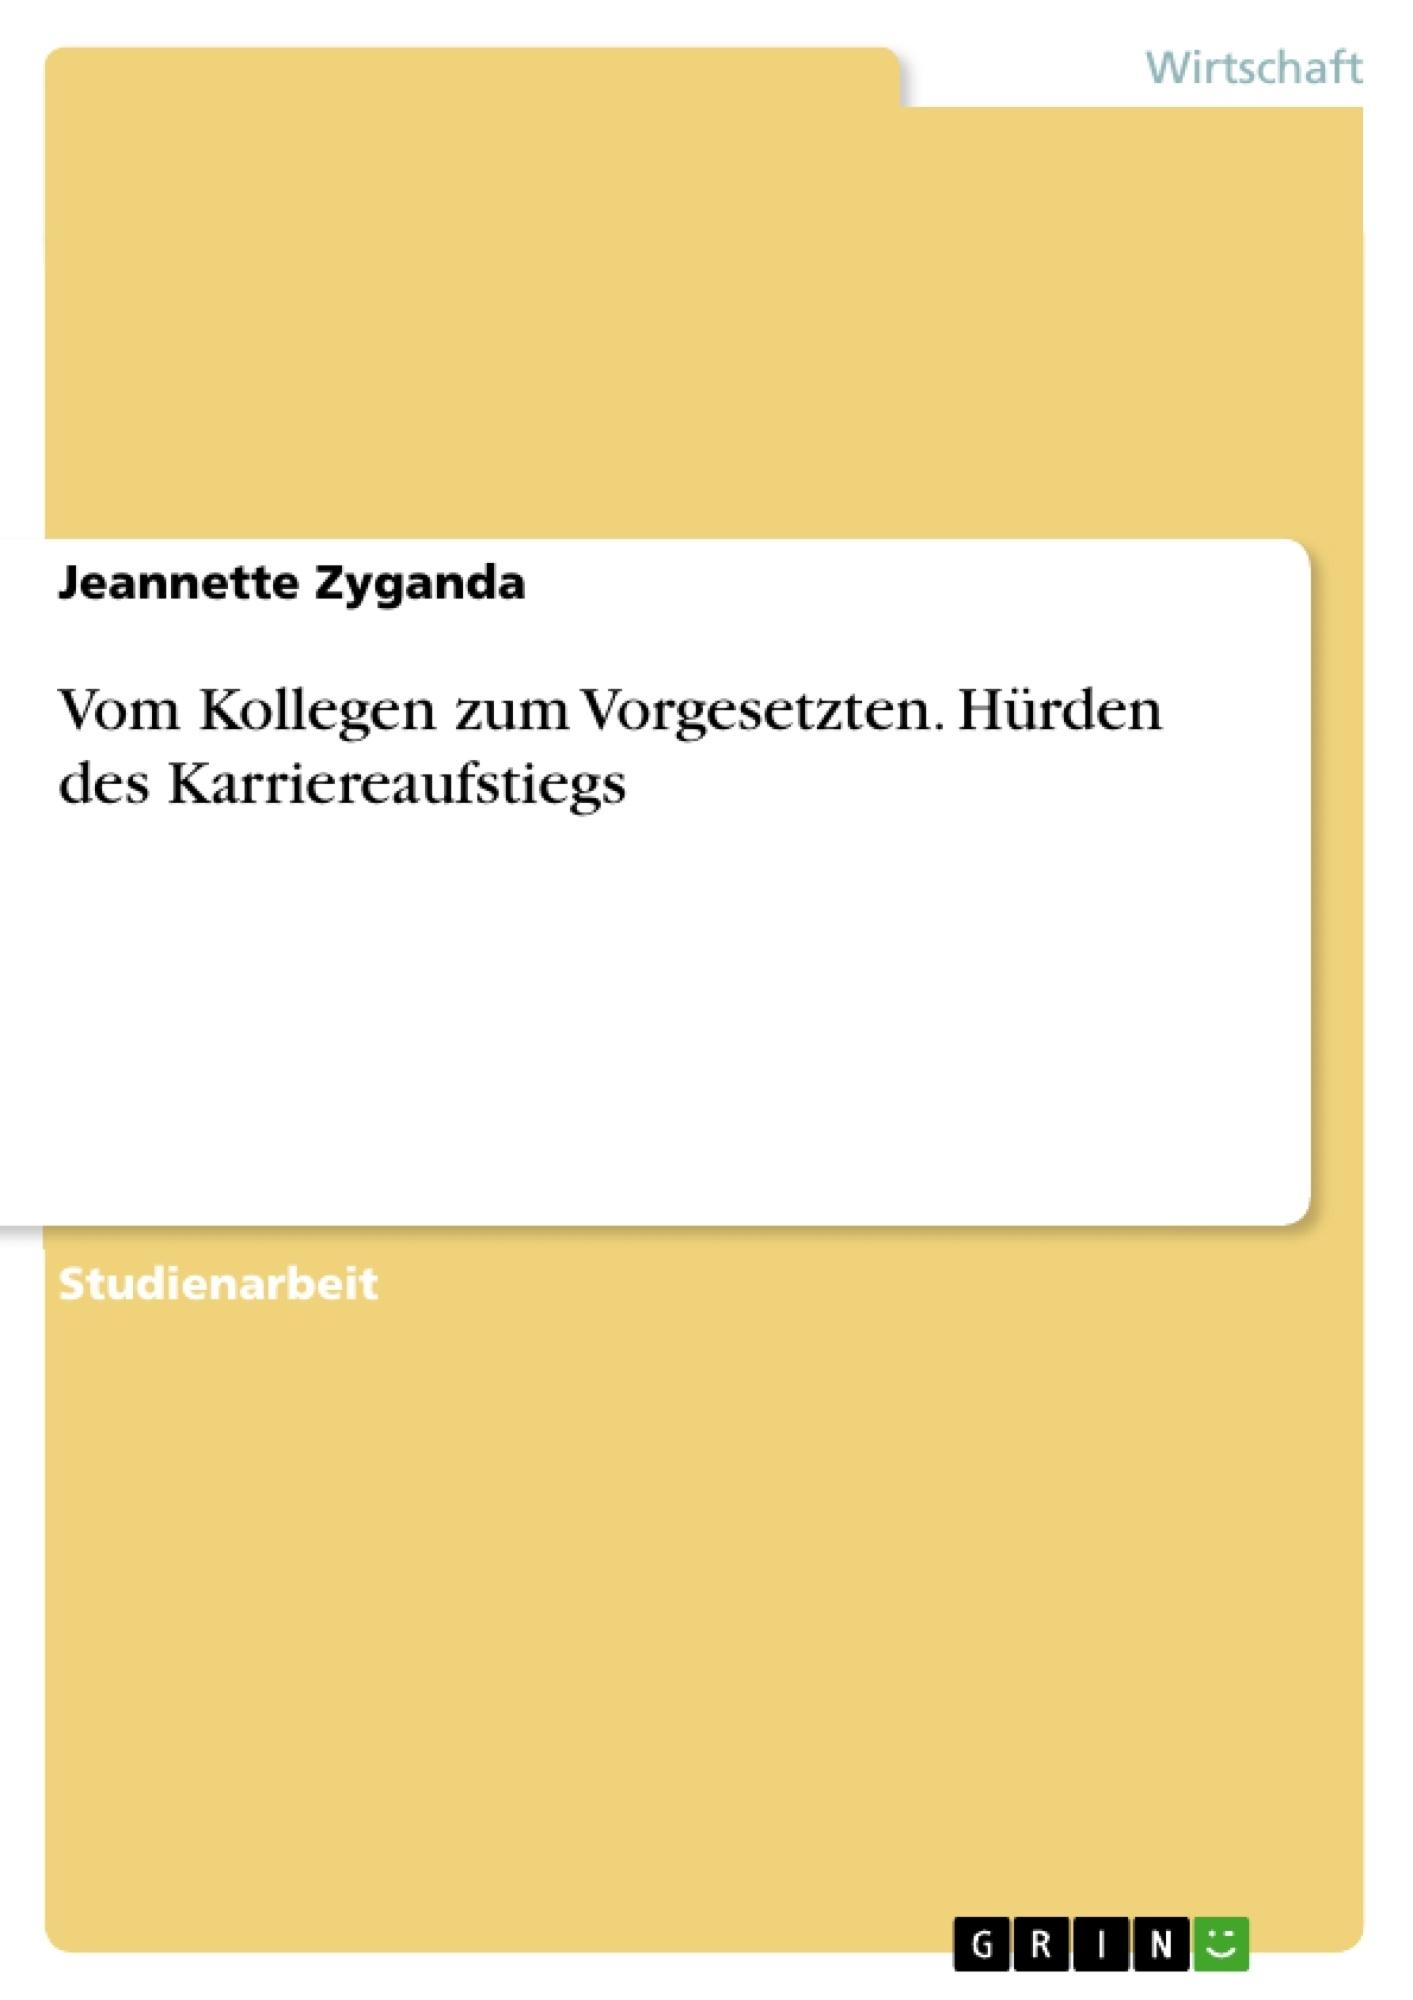 Titel: Vom Kollegen zum Vorgesetzten. Hürden des Karriereaufstiegs